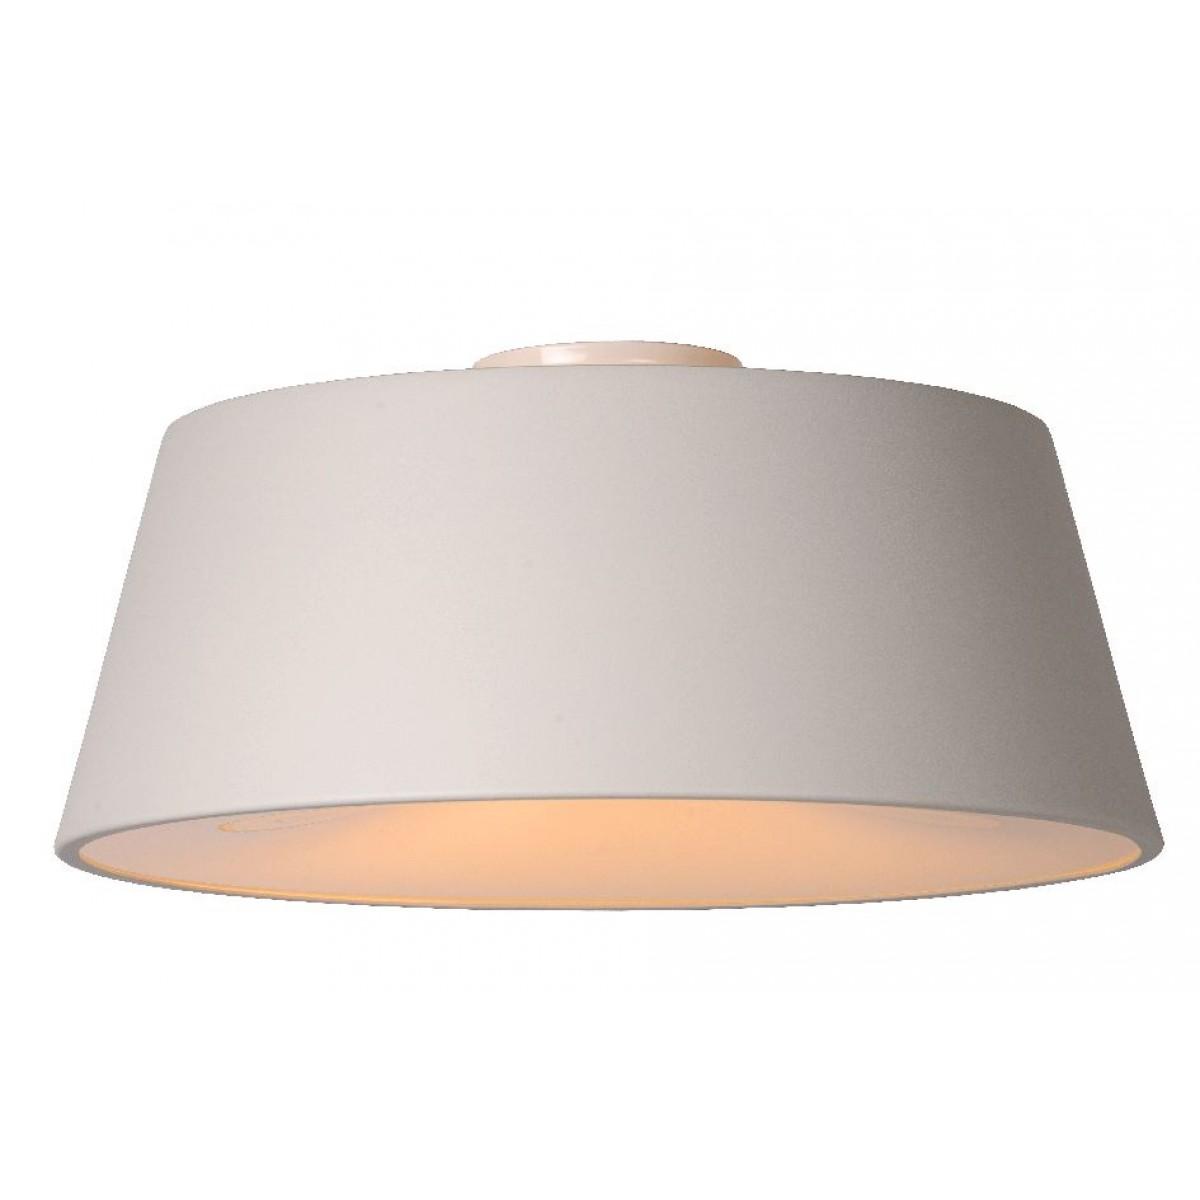 deckenleuchte lampenschirm wei deckenlampe wei